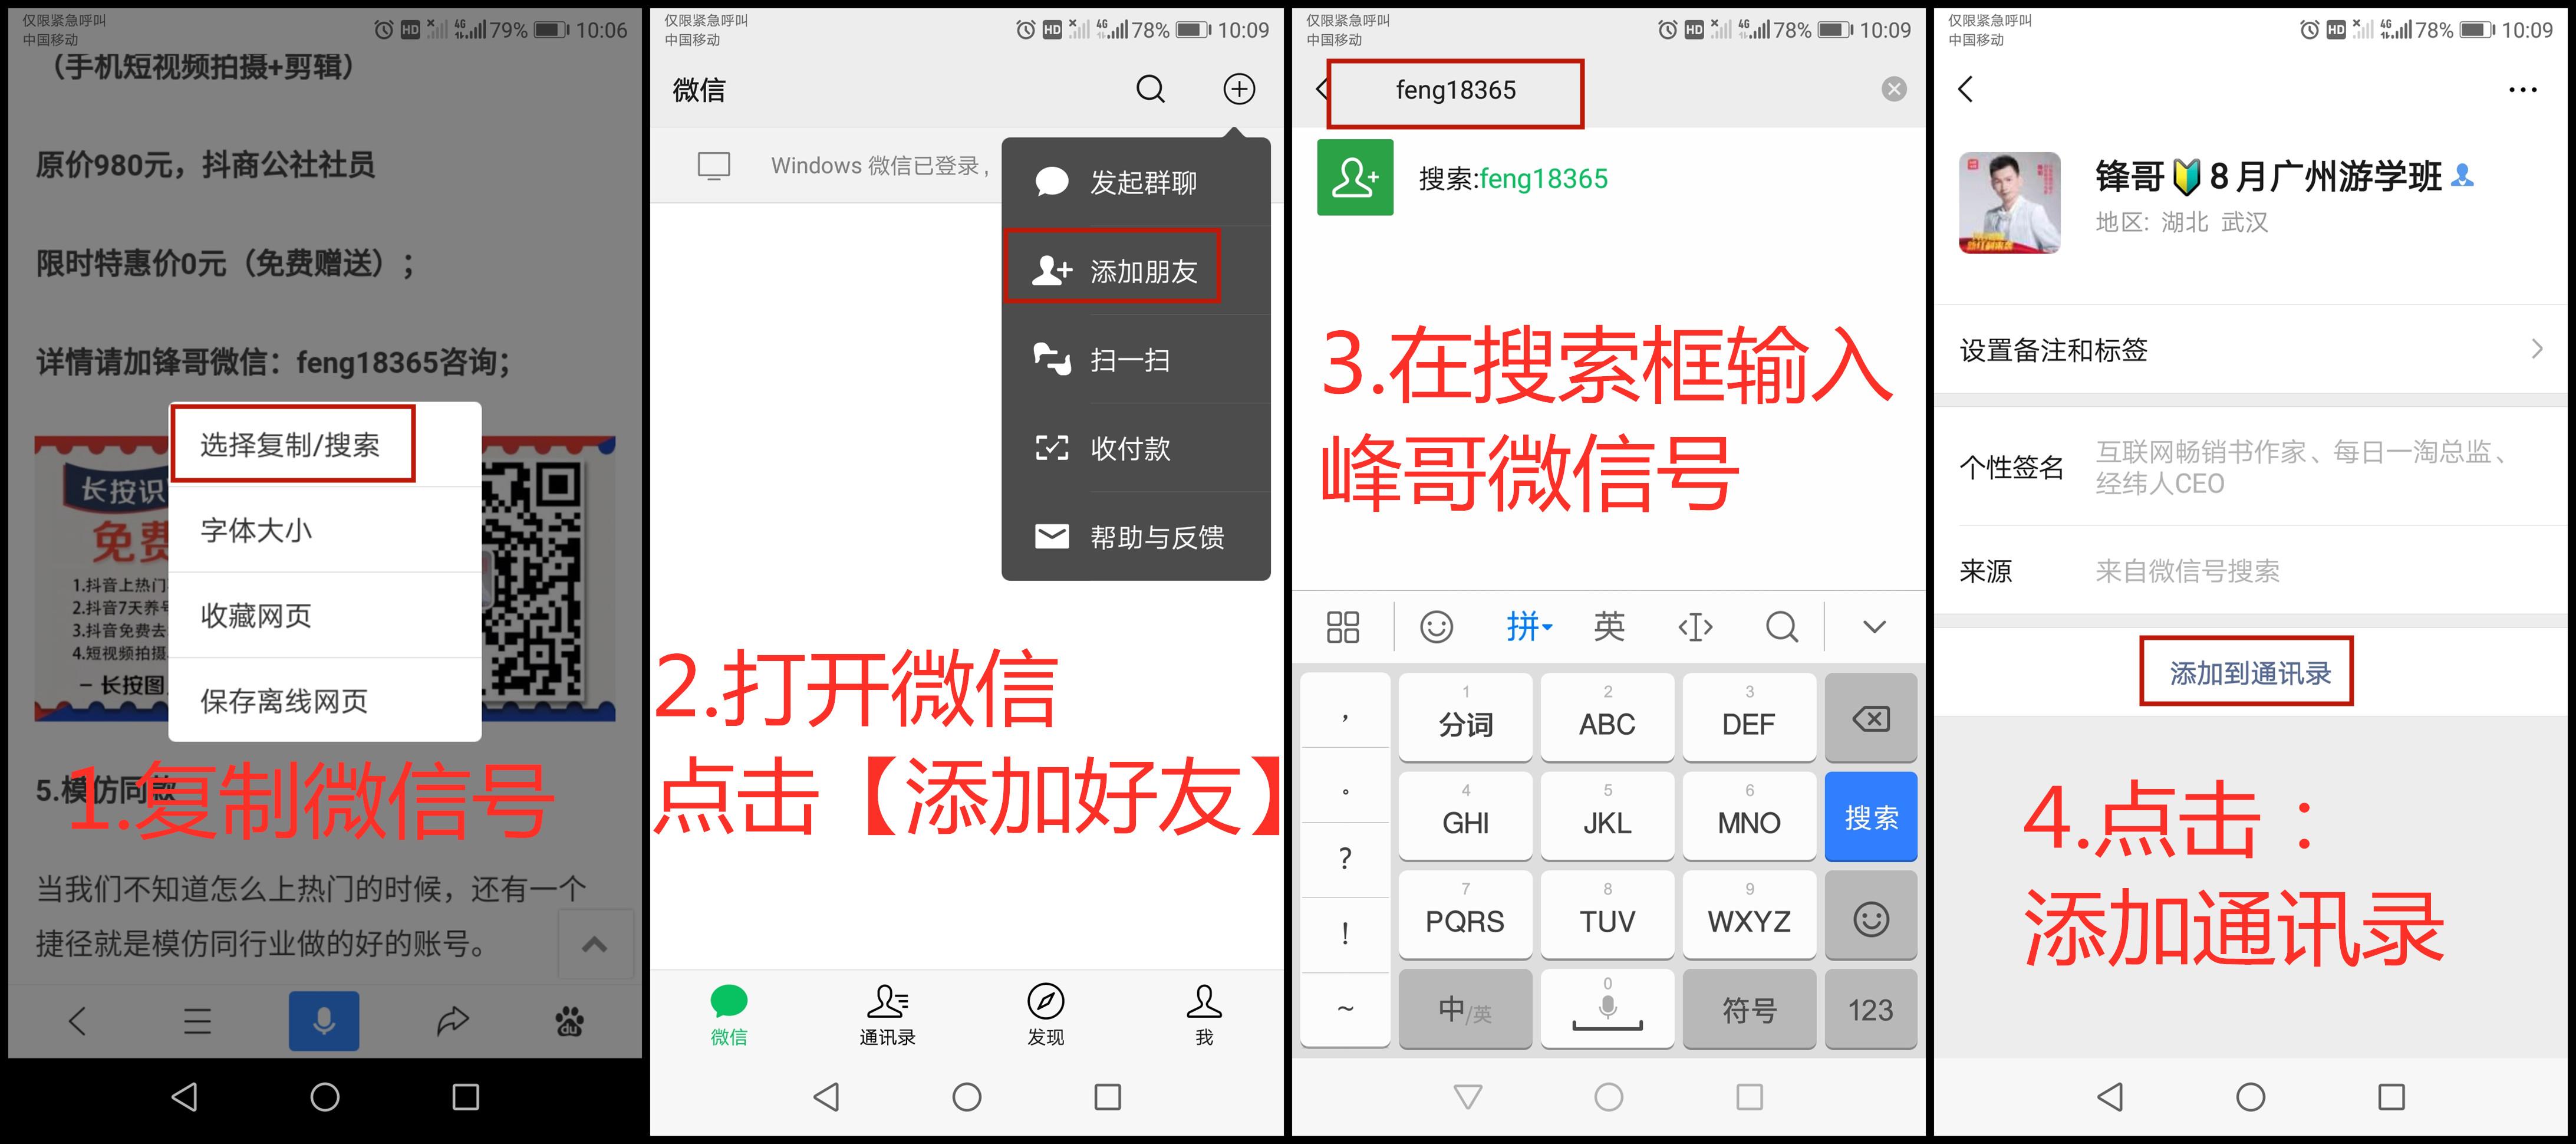 2019年短视频高活跃群体研究报告(建议收藏)!